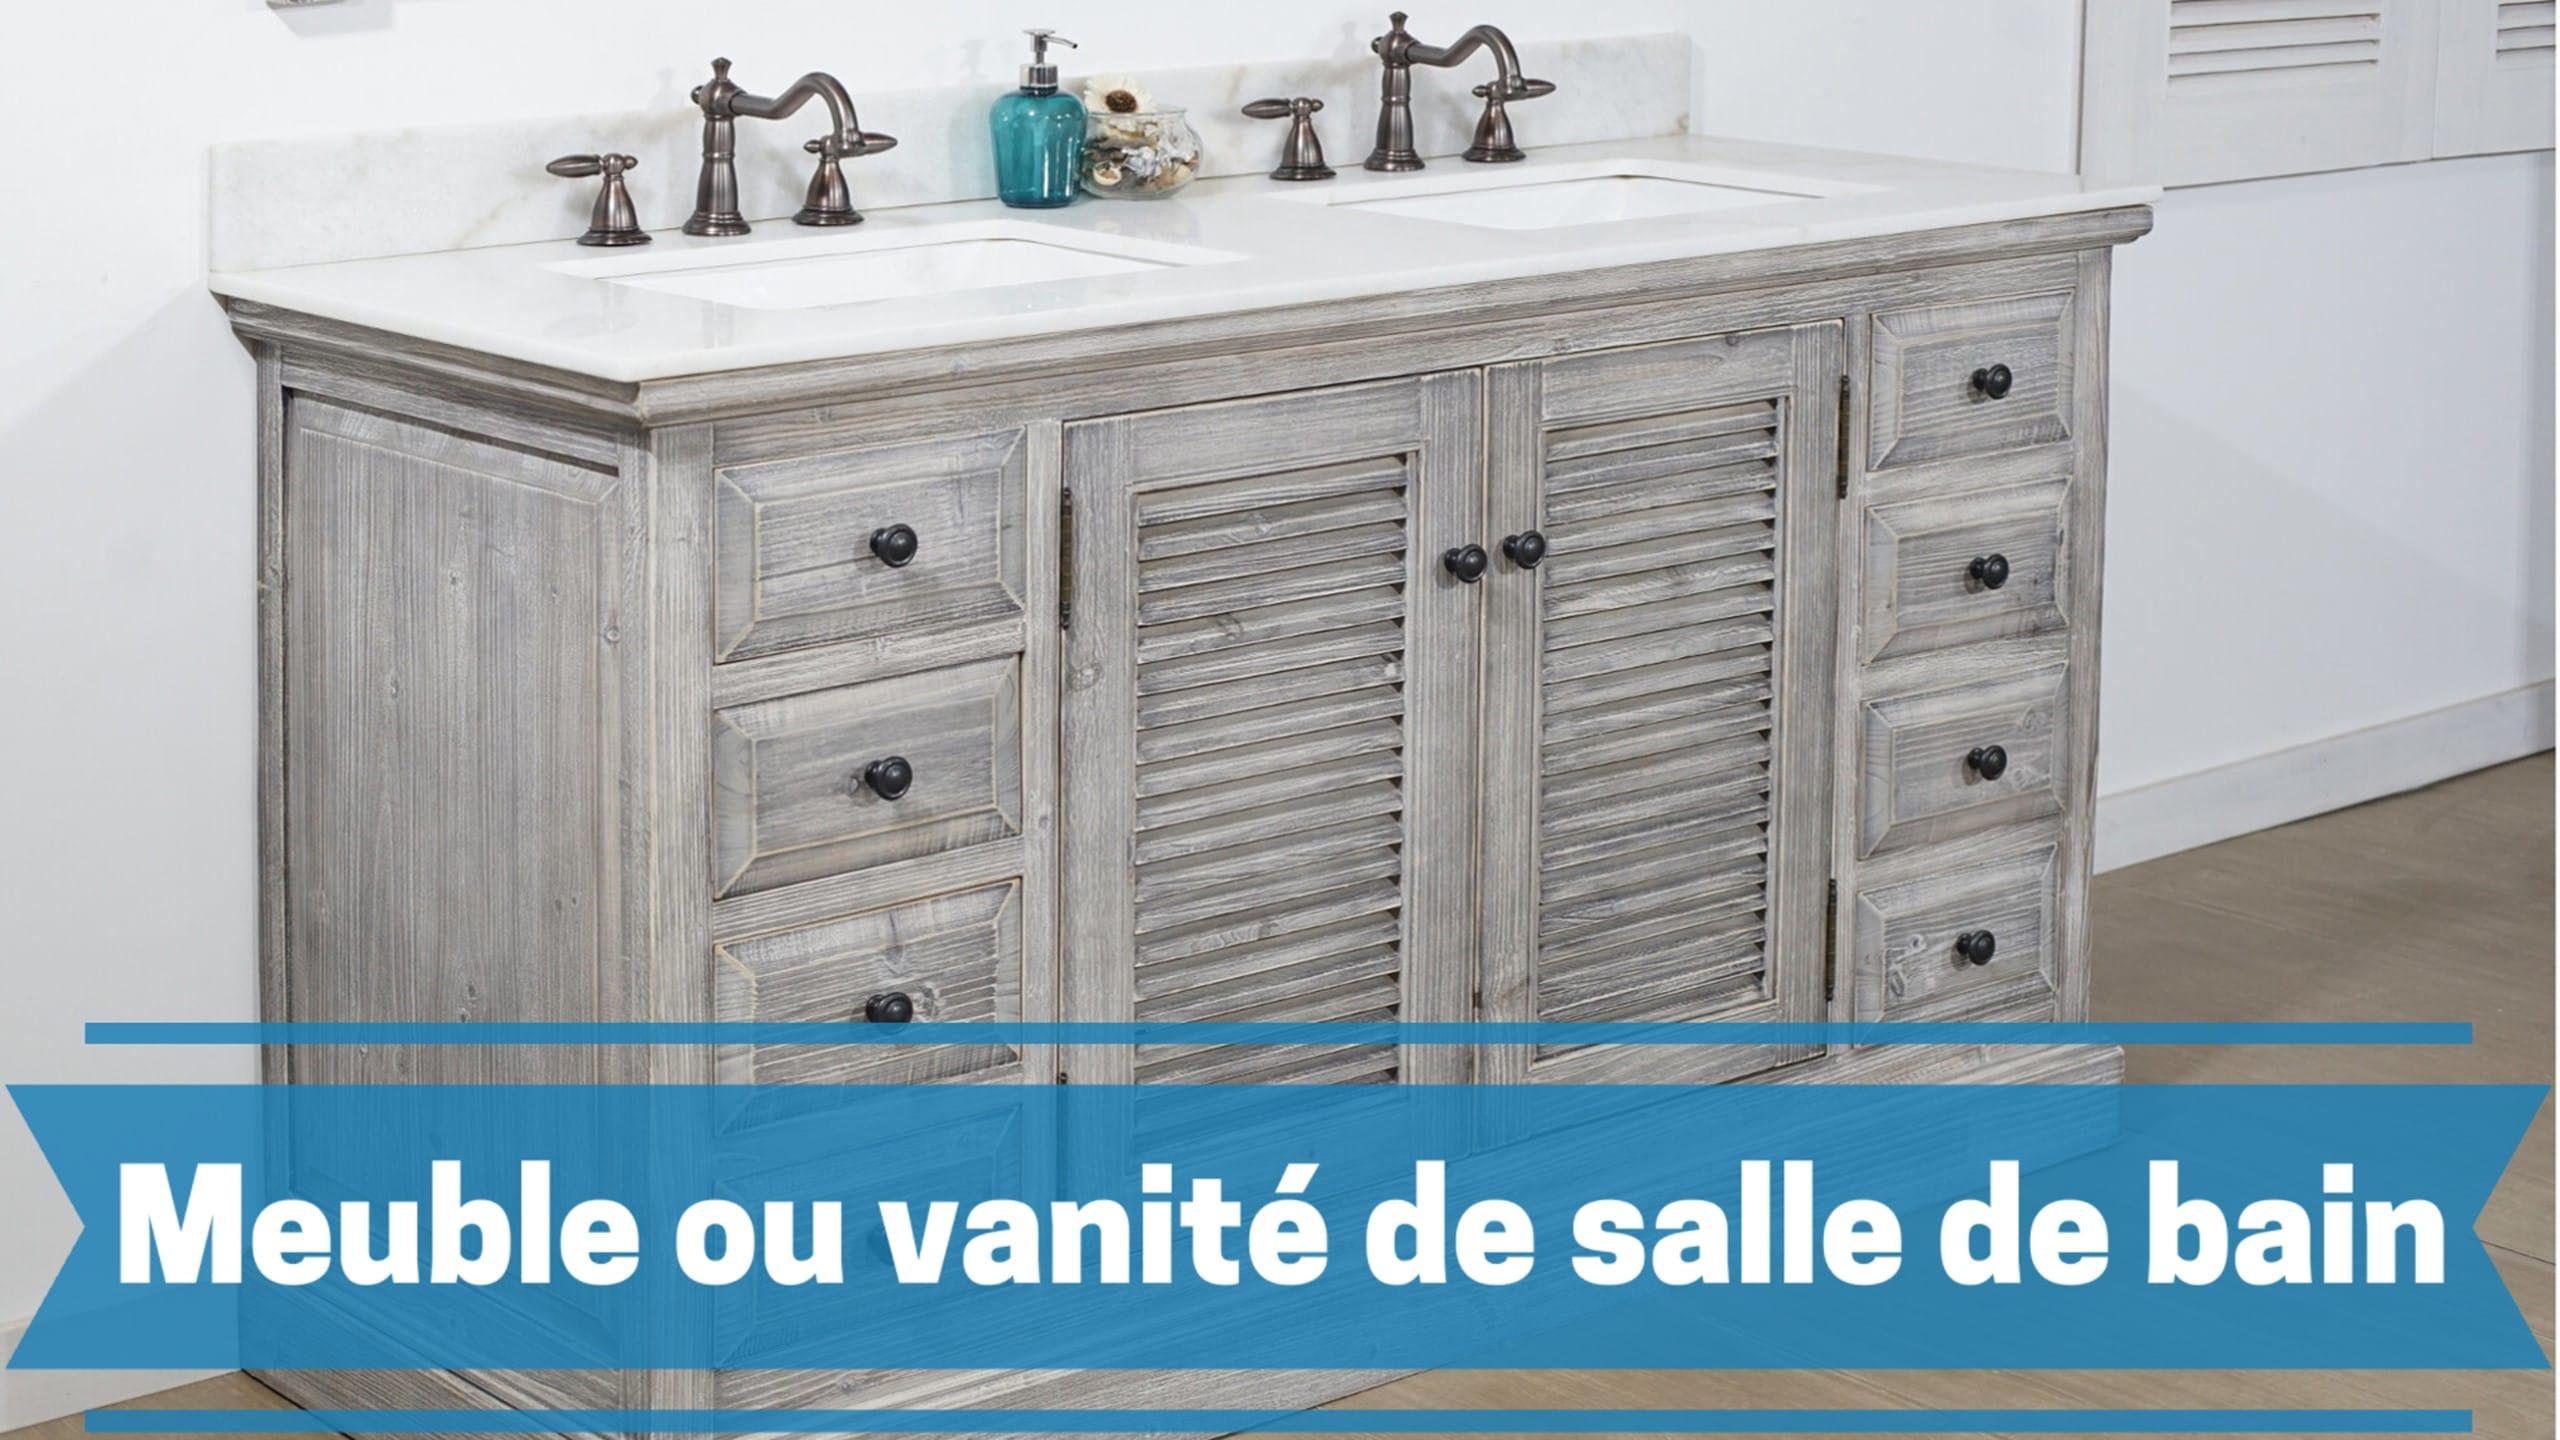 Meilleur meuble et vanité de salle de bain comparatif guide achat avis